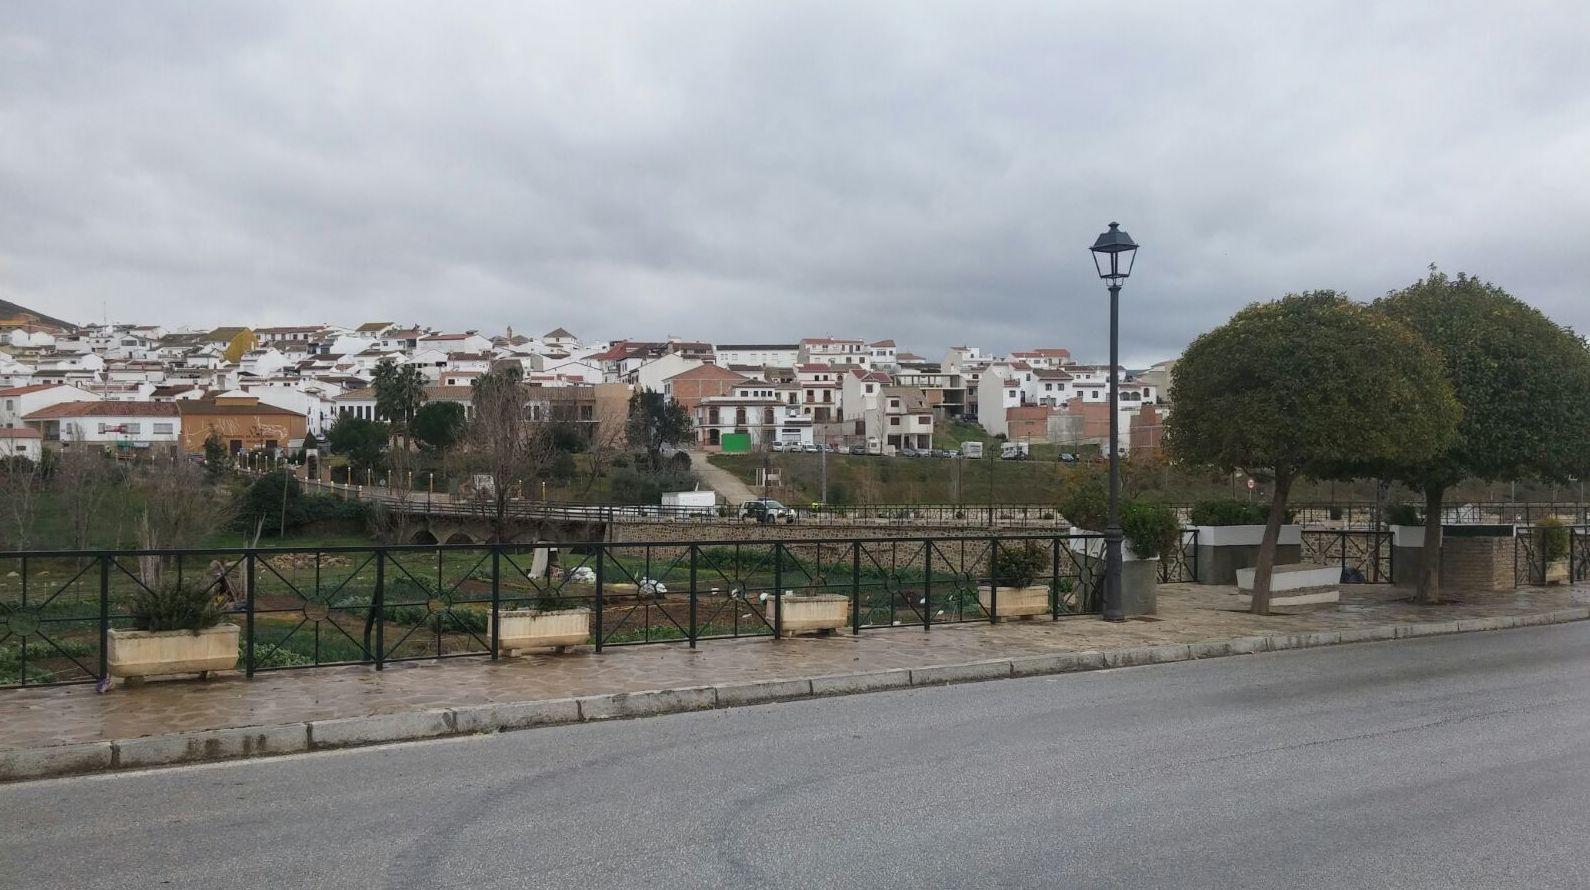 Foto 149 de Asociación de discapacitados en Málaga | Adisma